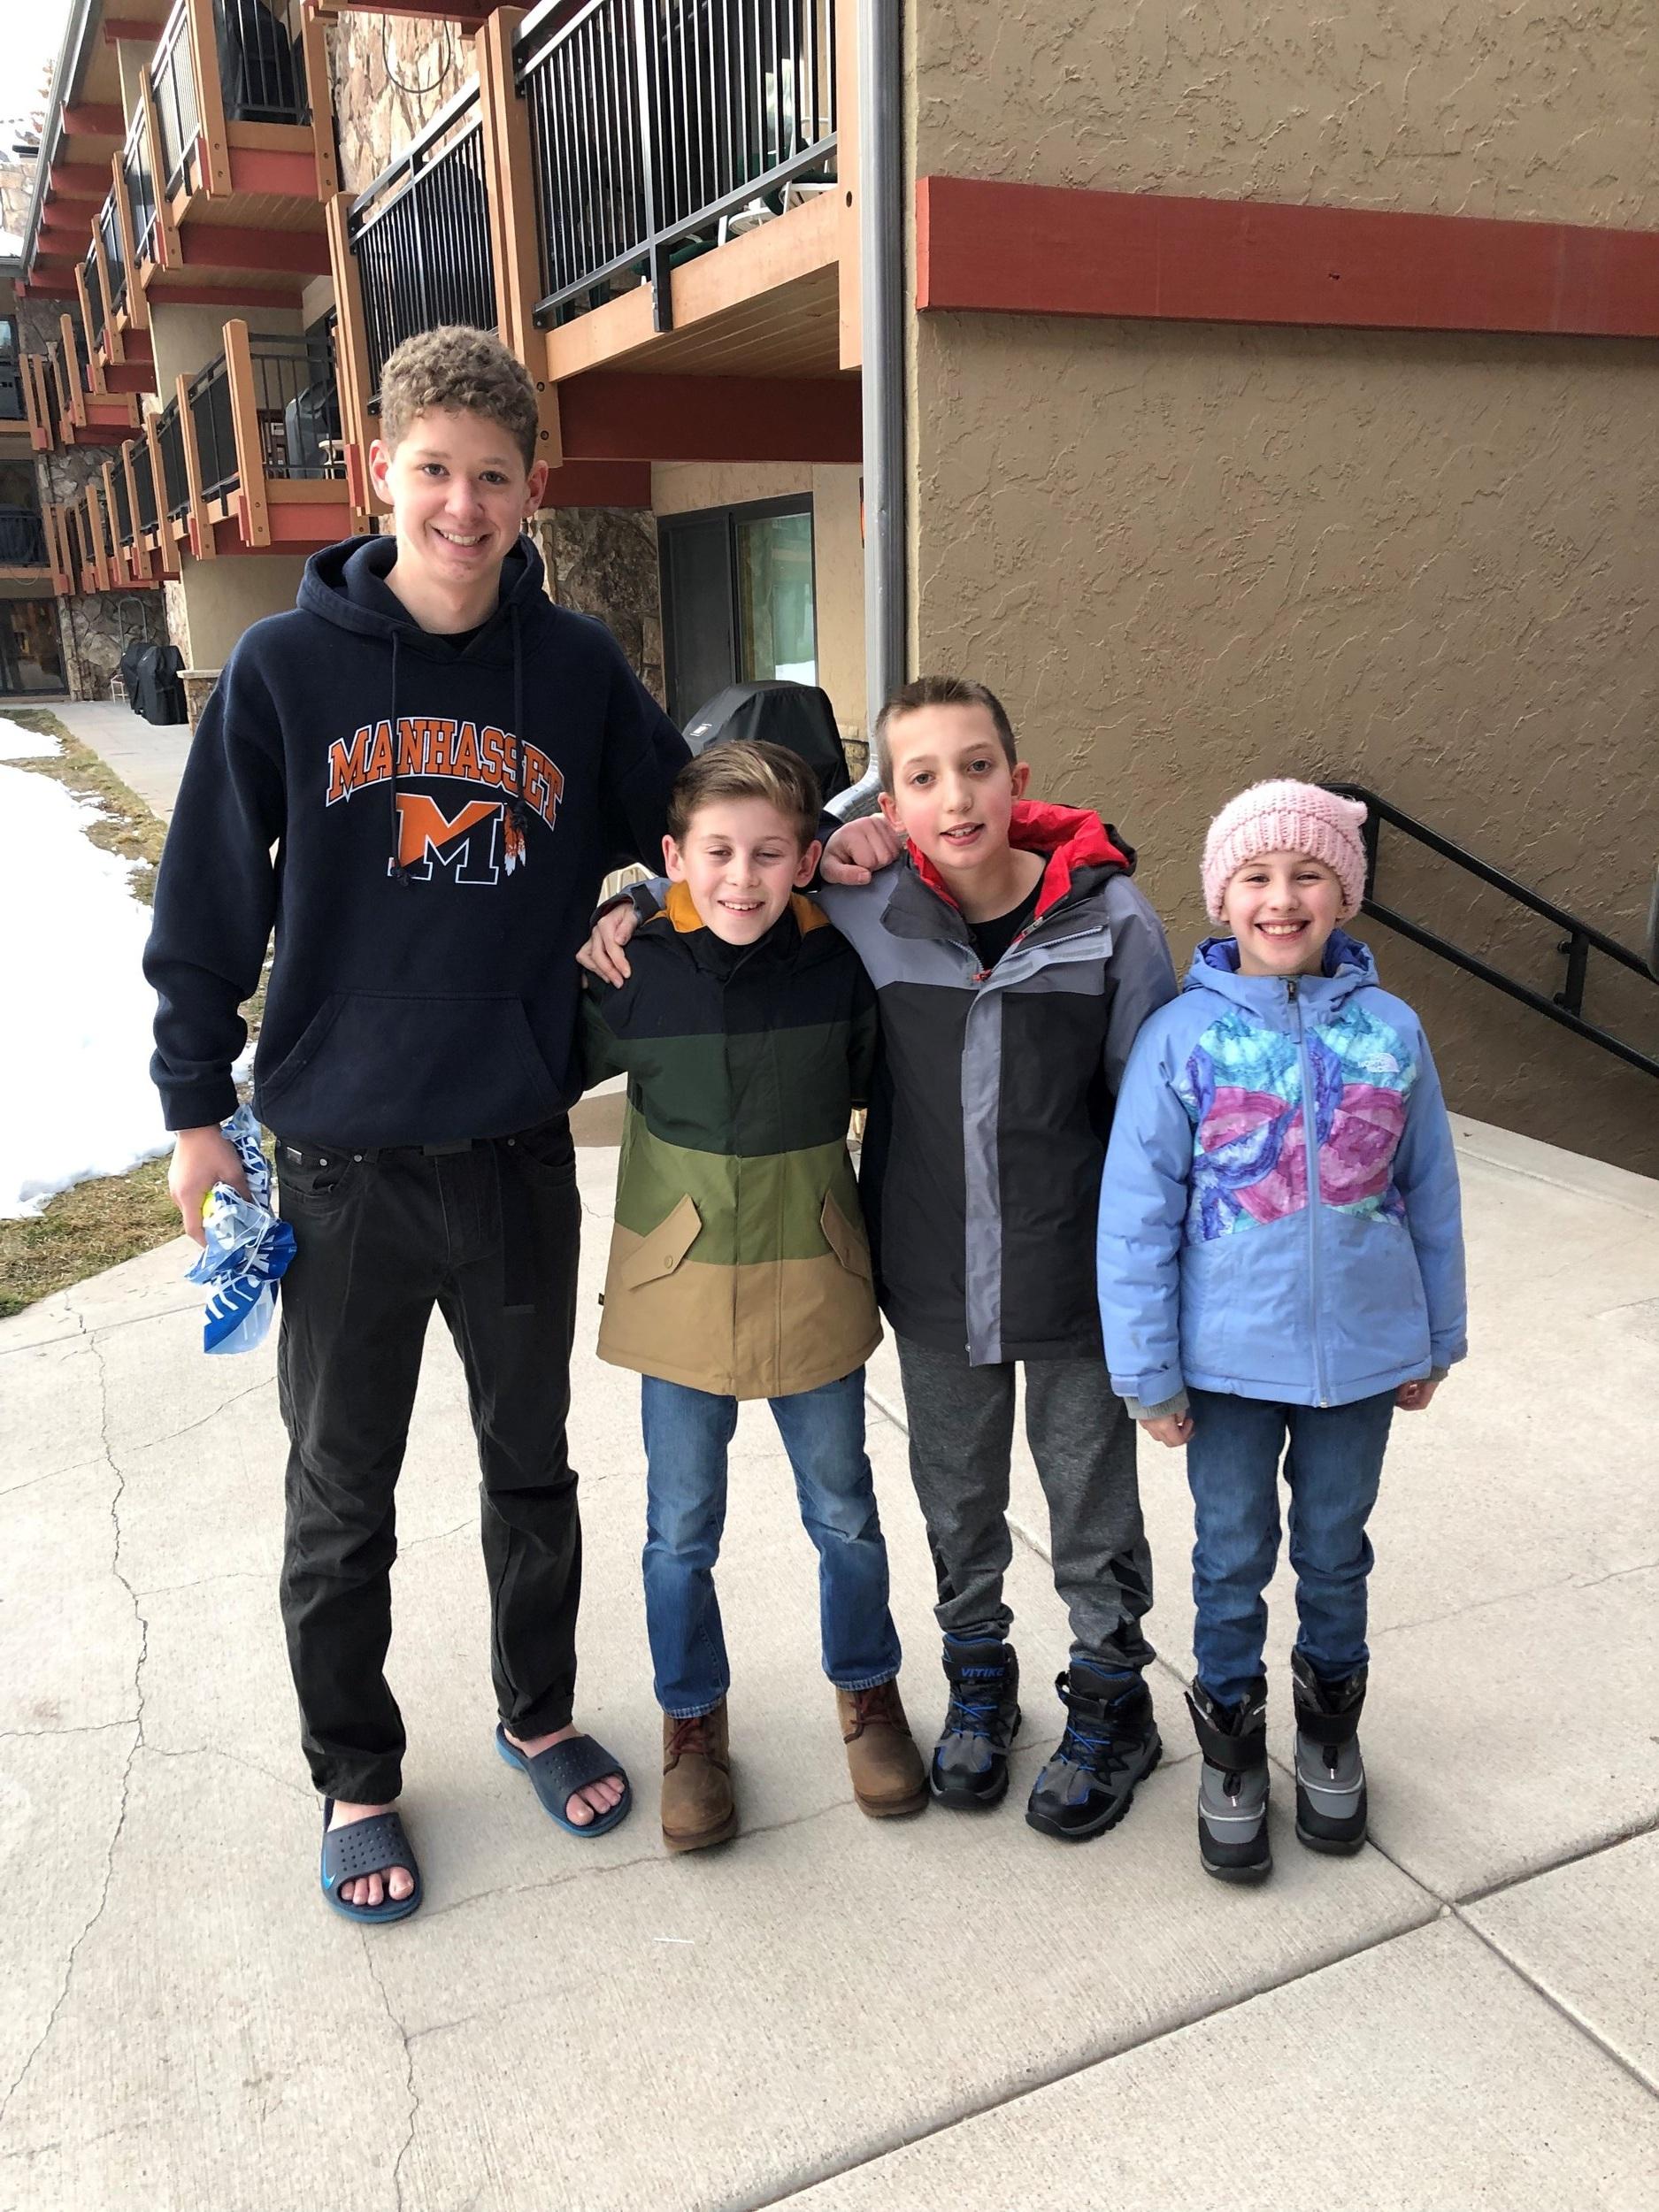 Ryan, Robert, Josh and Abby